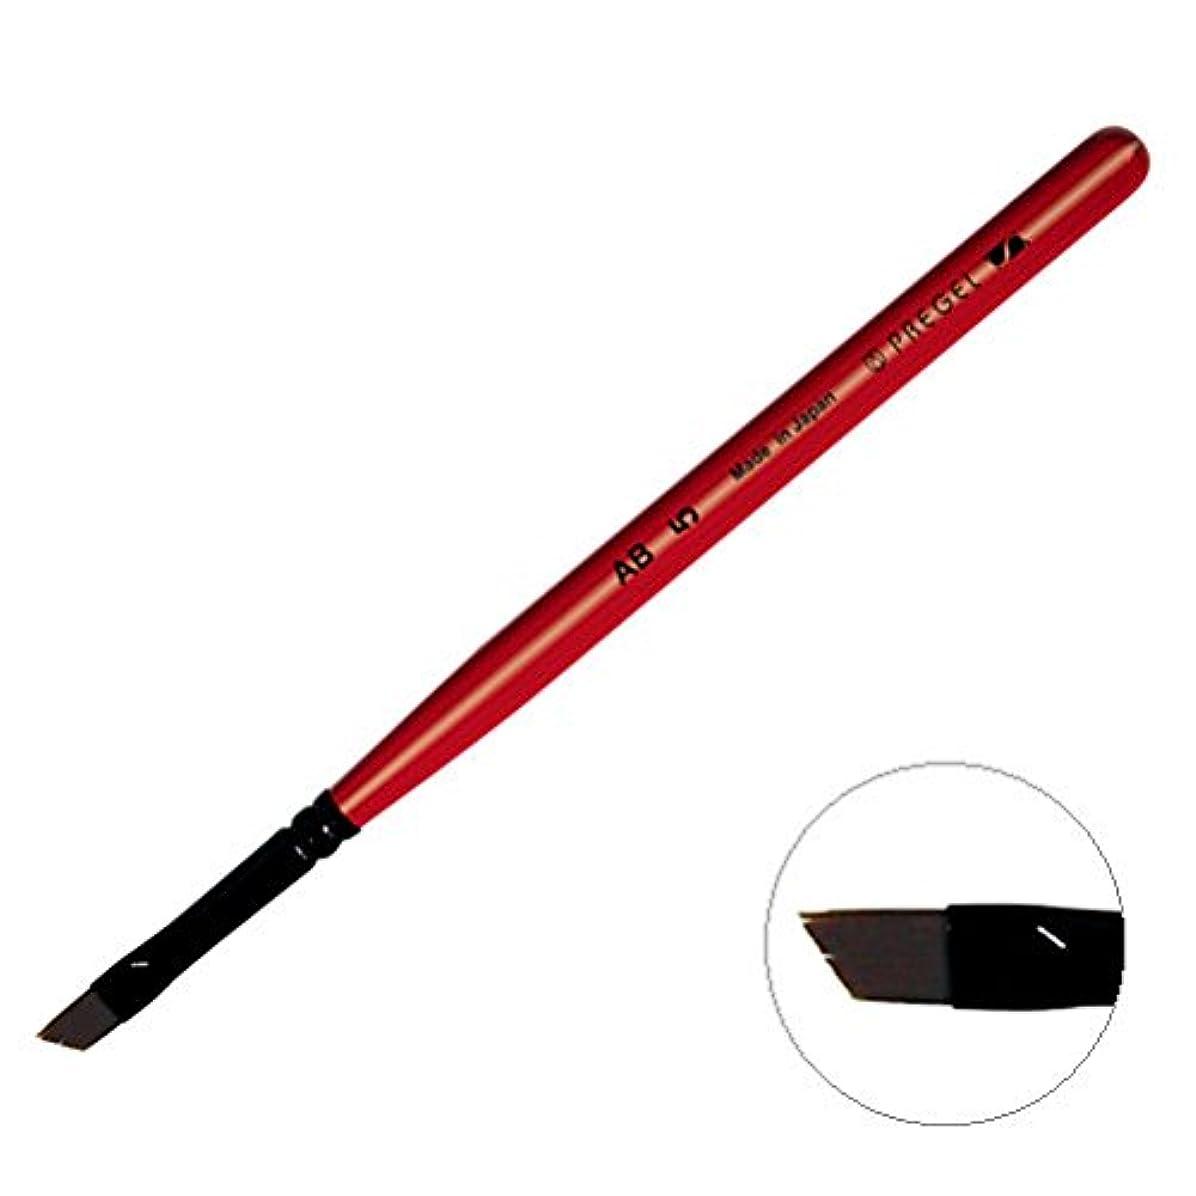 サーカスクライマックス着飾るプリジェル ネイルブラシ ジェルネイル AB 5 斜め平筆